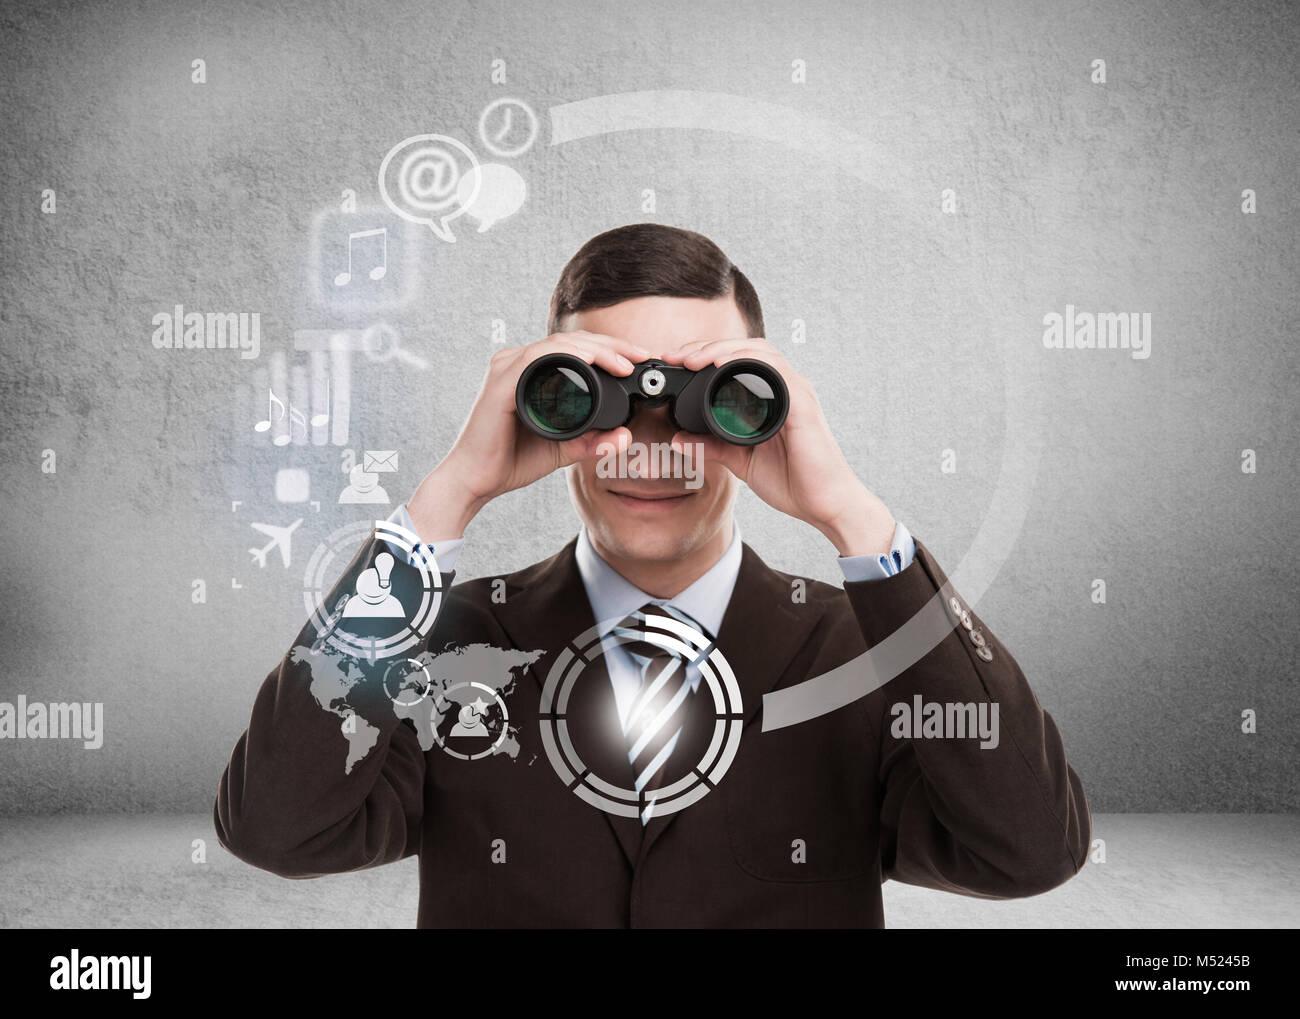 Concepto de tecnología. Empresario con biboculars e interfaz virtual con la web y los medios de comunicación social de iconos Foto de stock